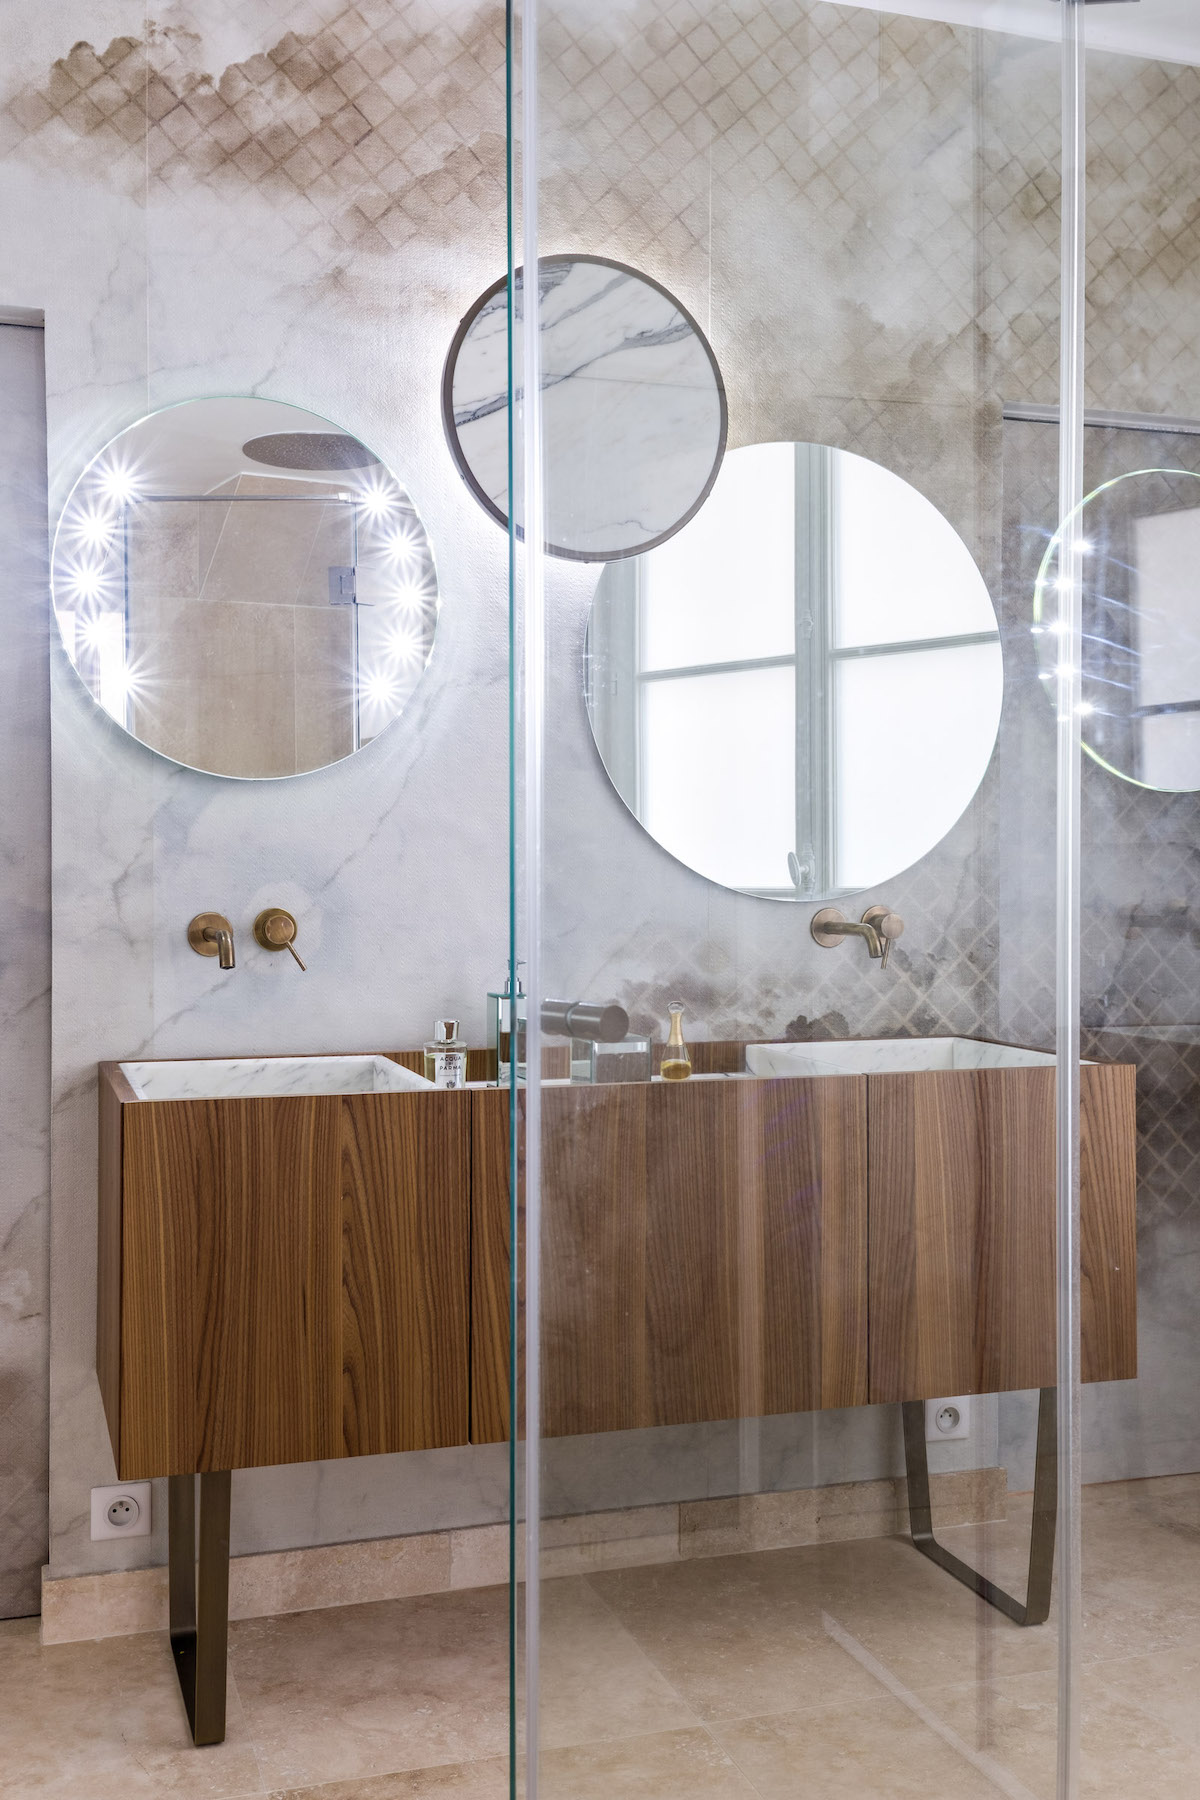 bohème salle de bain marbre rose meuble bois miroir rond art déco vintage retro design